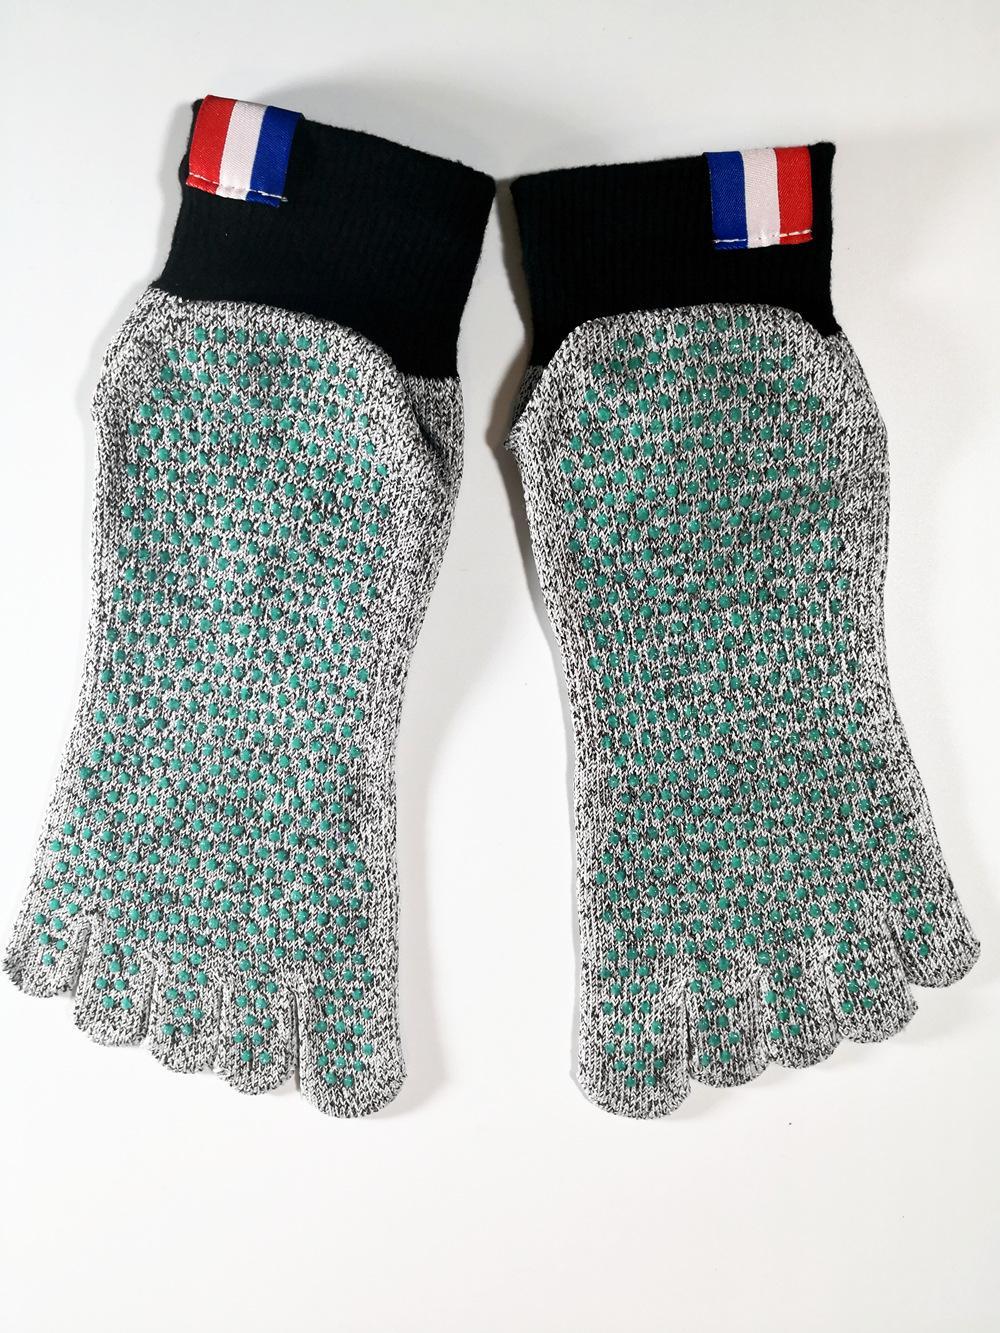 Short Beach HPPE Calzini Diving calzini antiscivolo Dive Snorkeling Nuoto Yoga 5 Toe Socks resistente al taglio di alta qualità